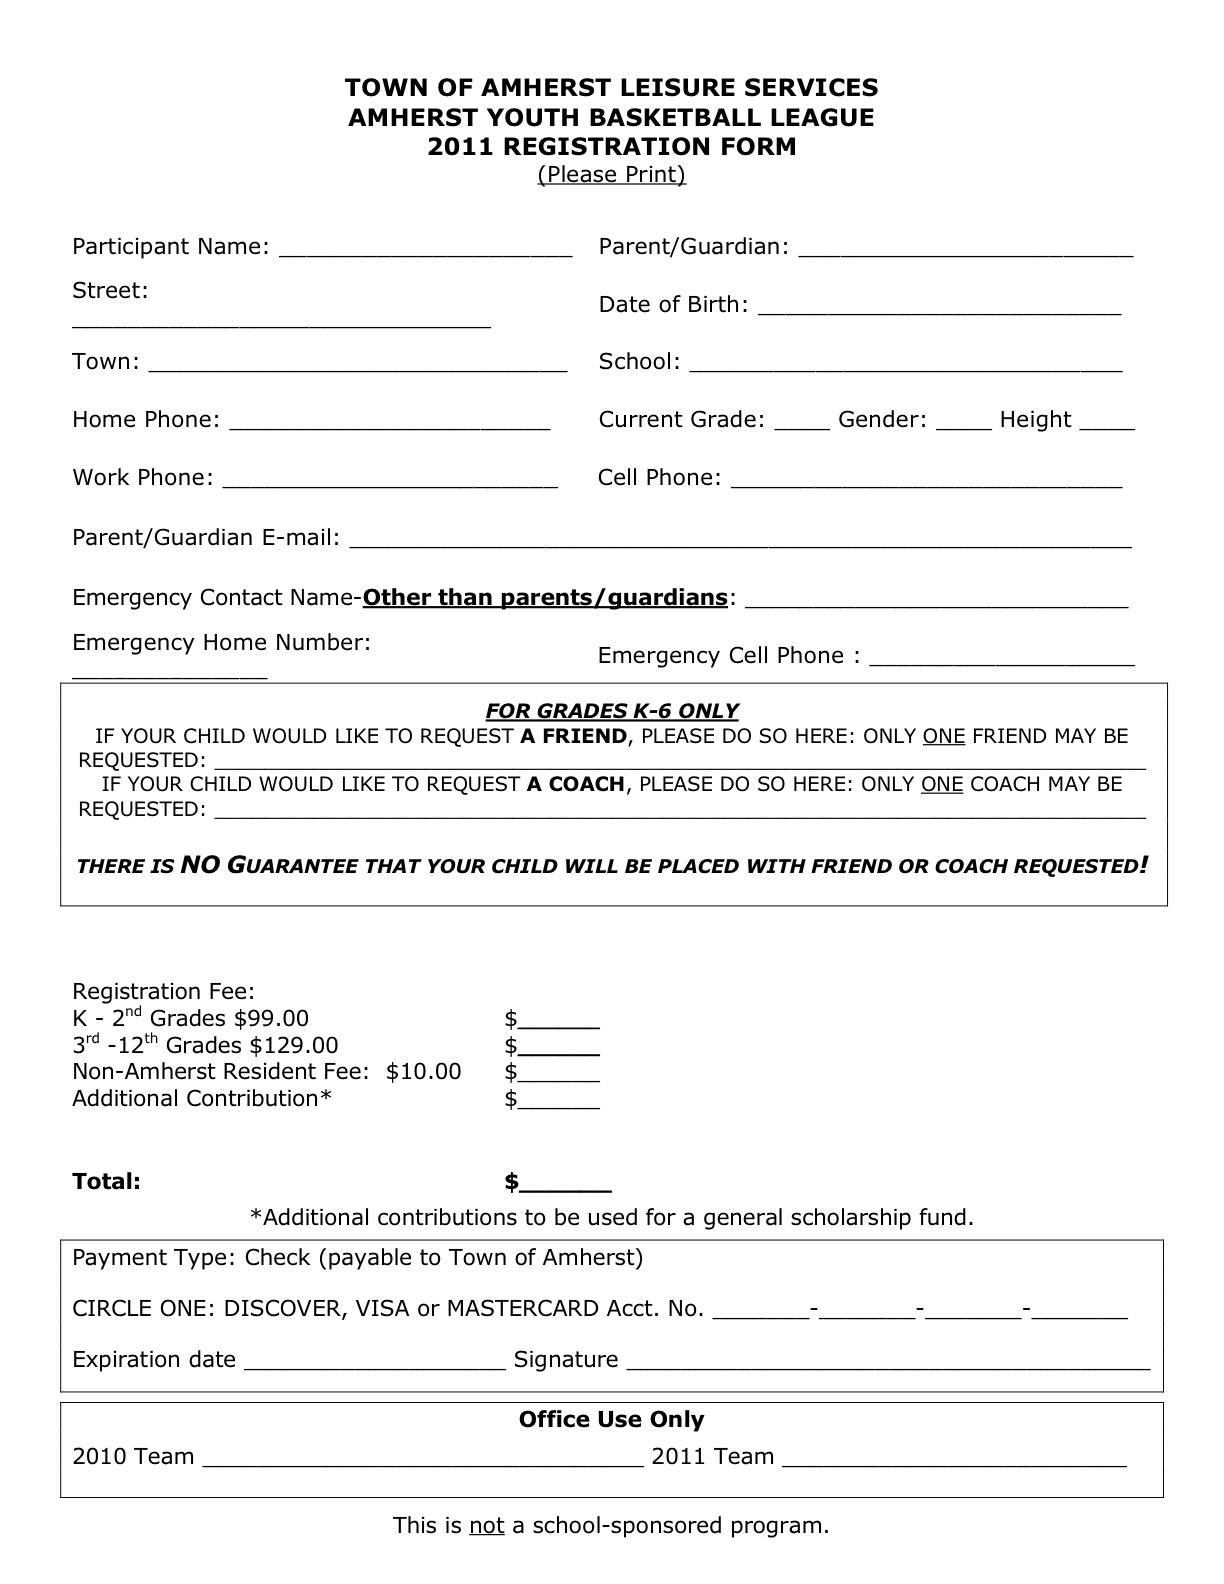 Customer Registration Form Sample free printable registration – Enrollment Form Format